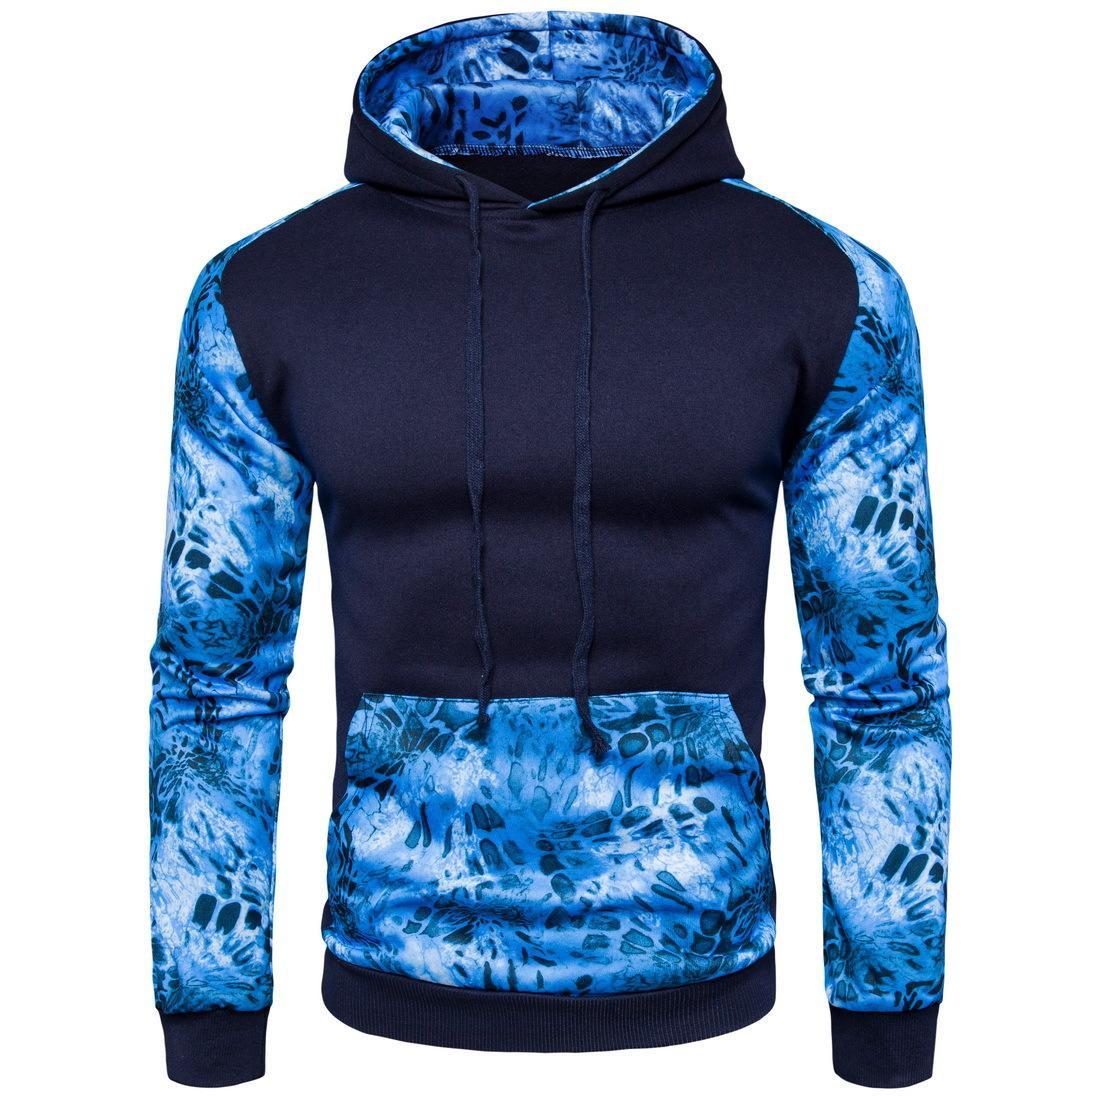 Nouveau Hoodie Leopard Bleu Hommes Nouveauté Patchwork Imprimé manches longues manteau Angleterre style Hoodies Casual Pour Automne Printemps